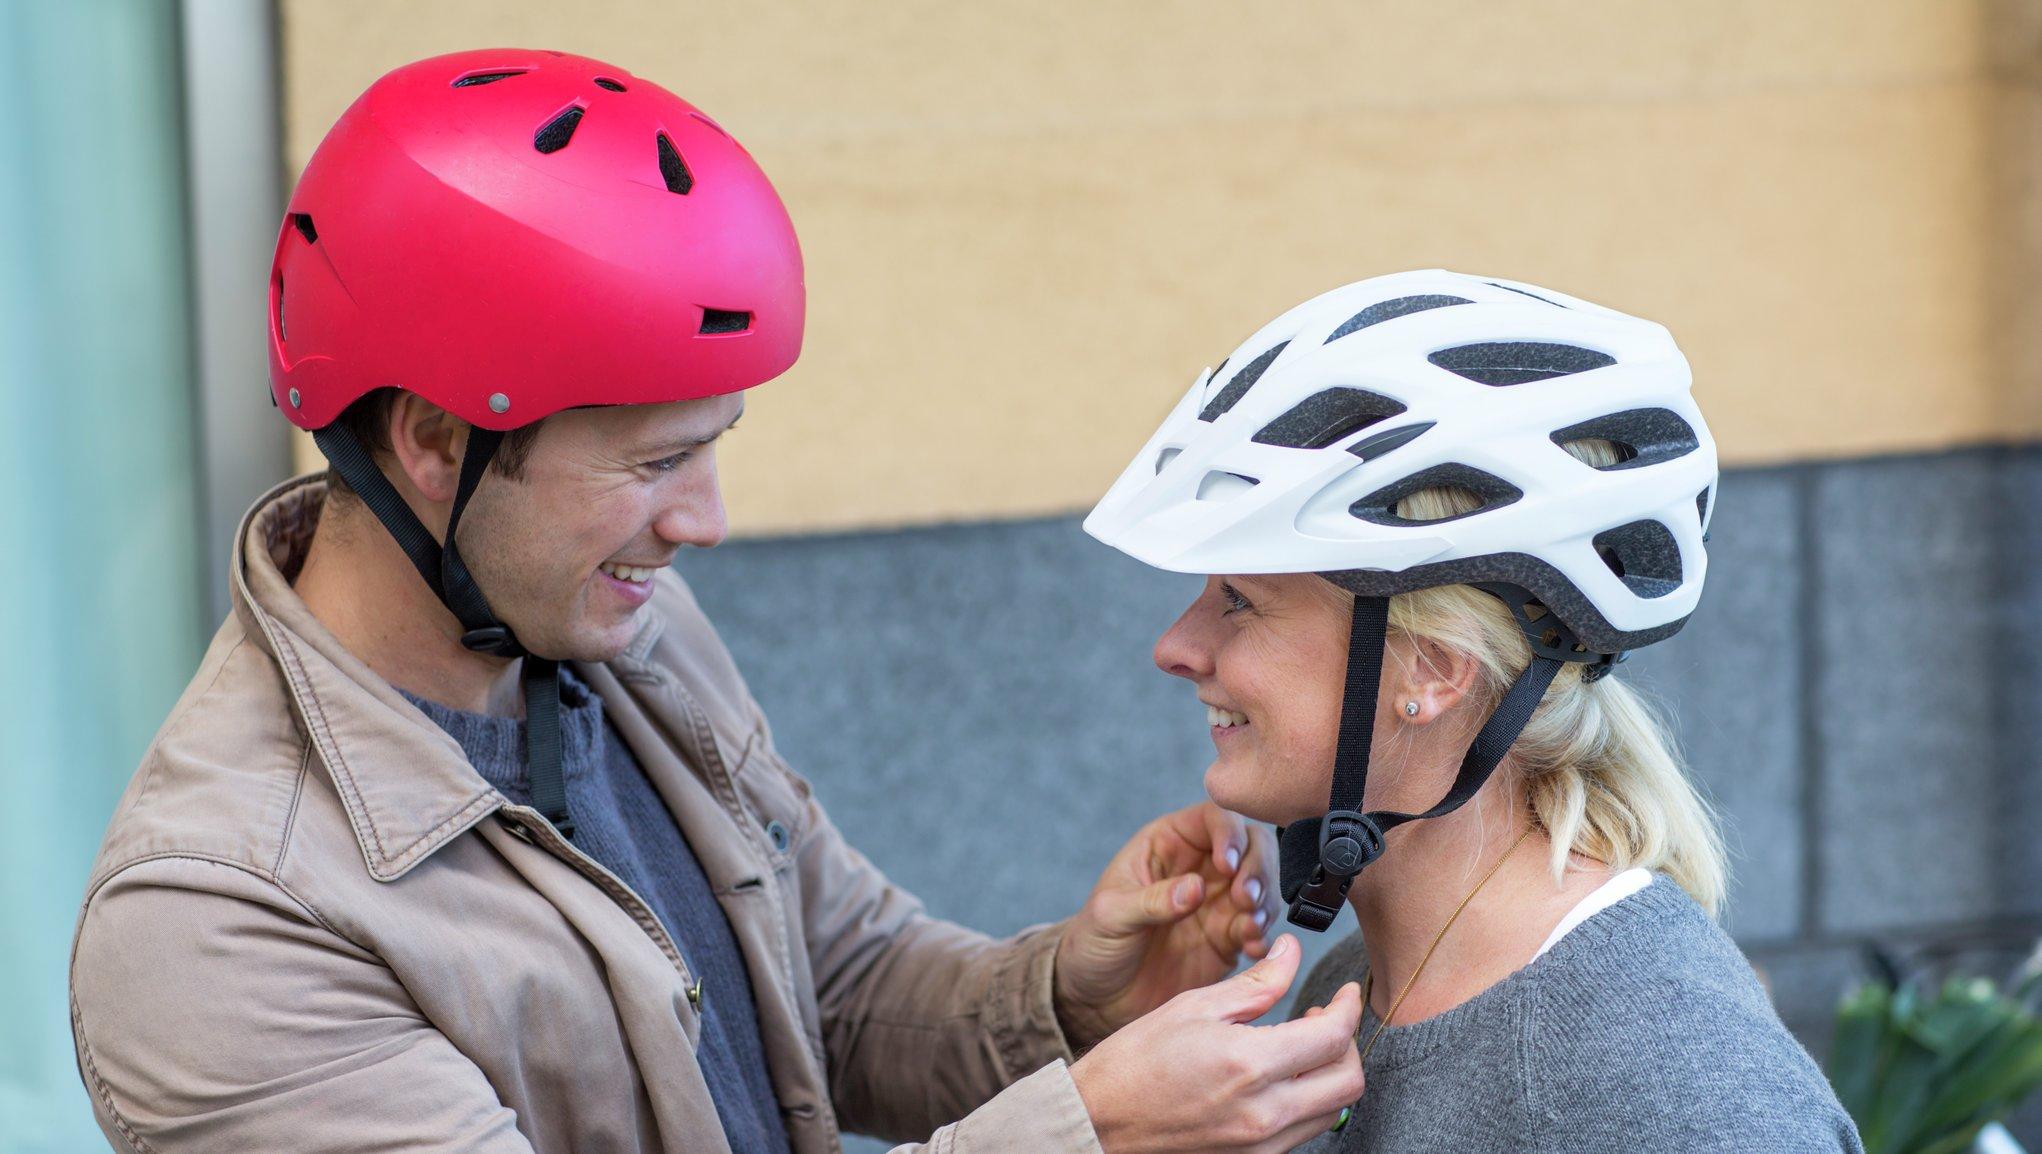 Mies auttaa naista pyöräilykypärän kanssa